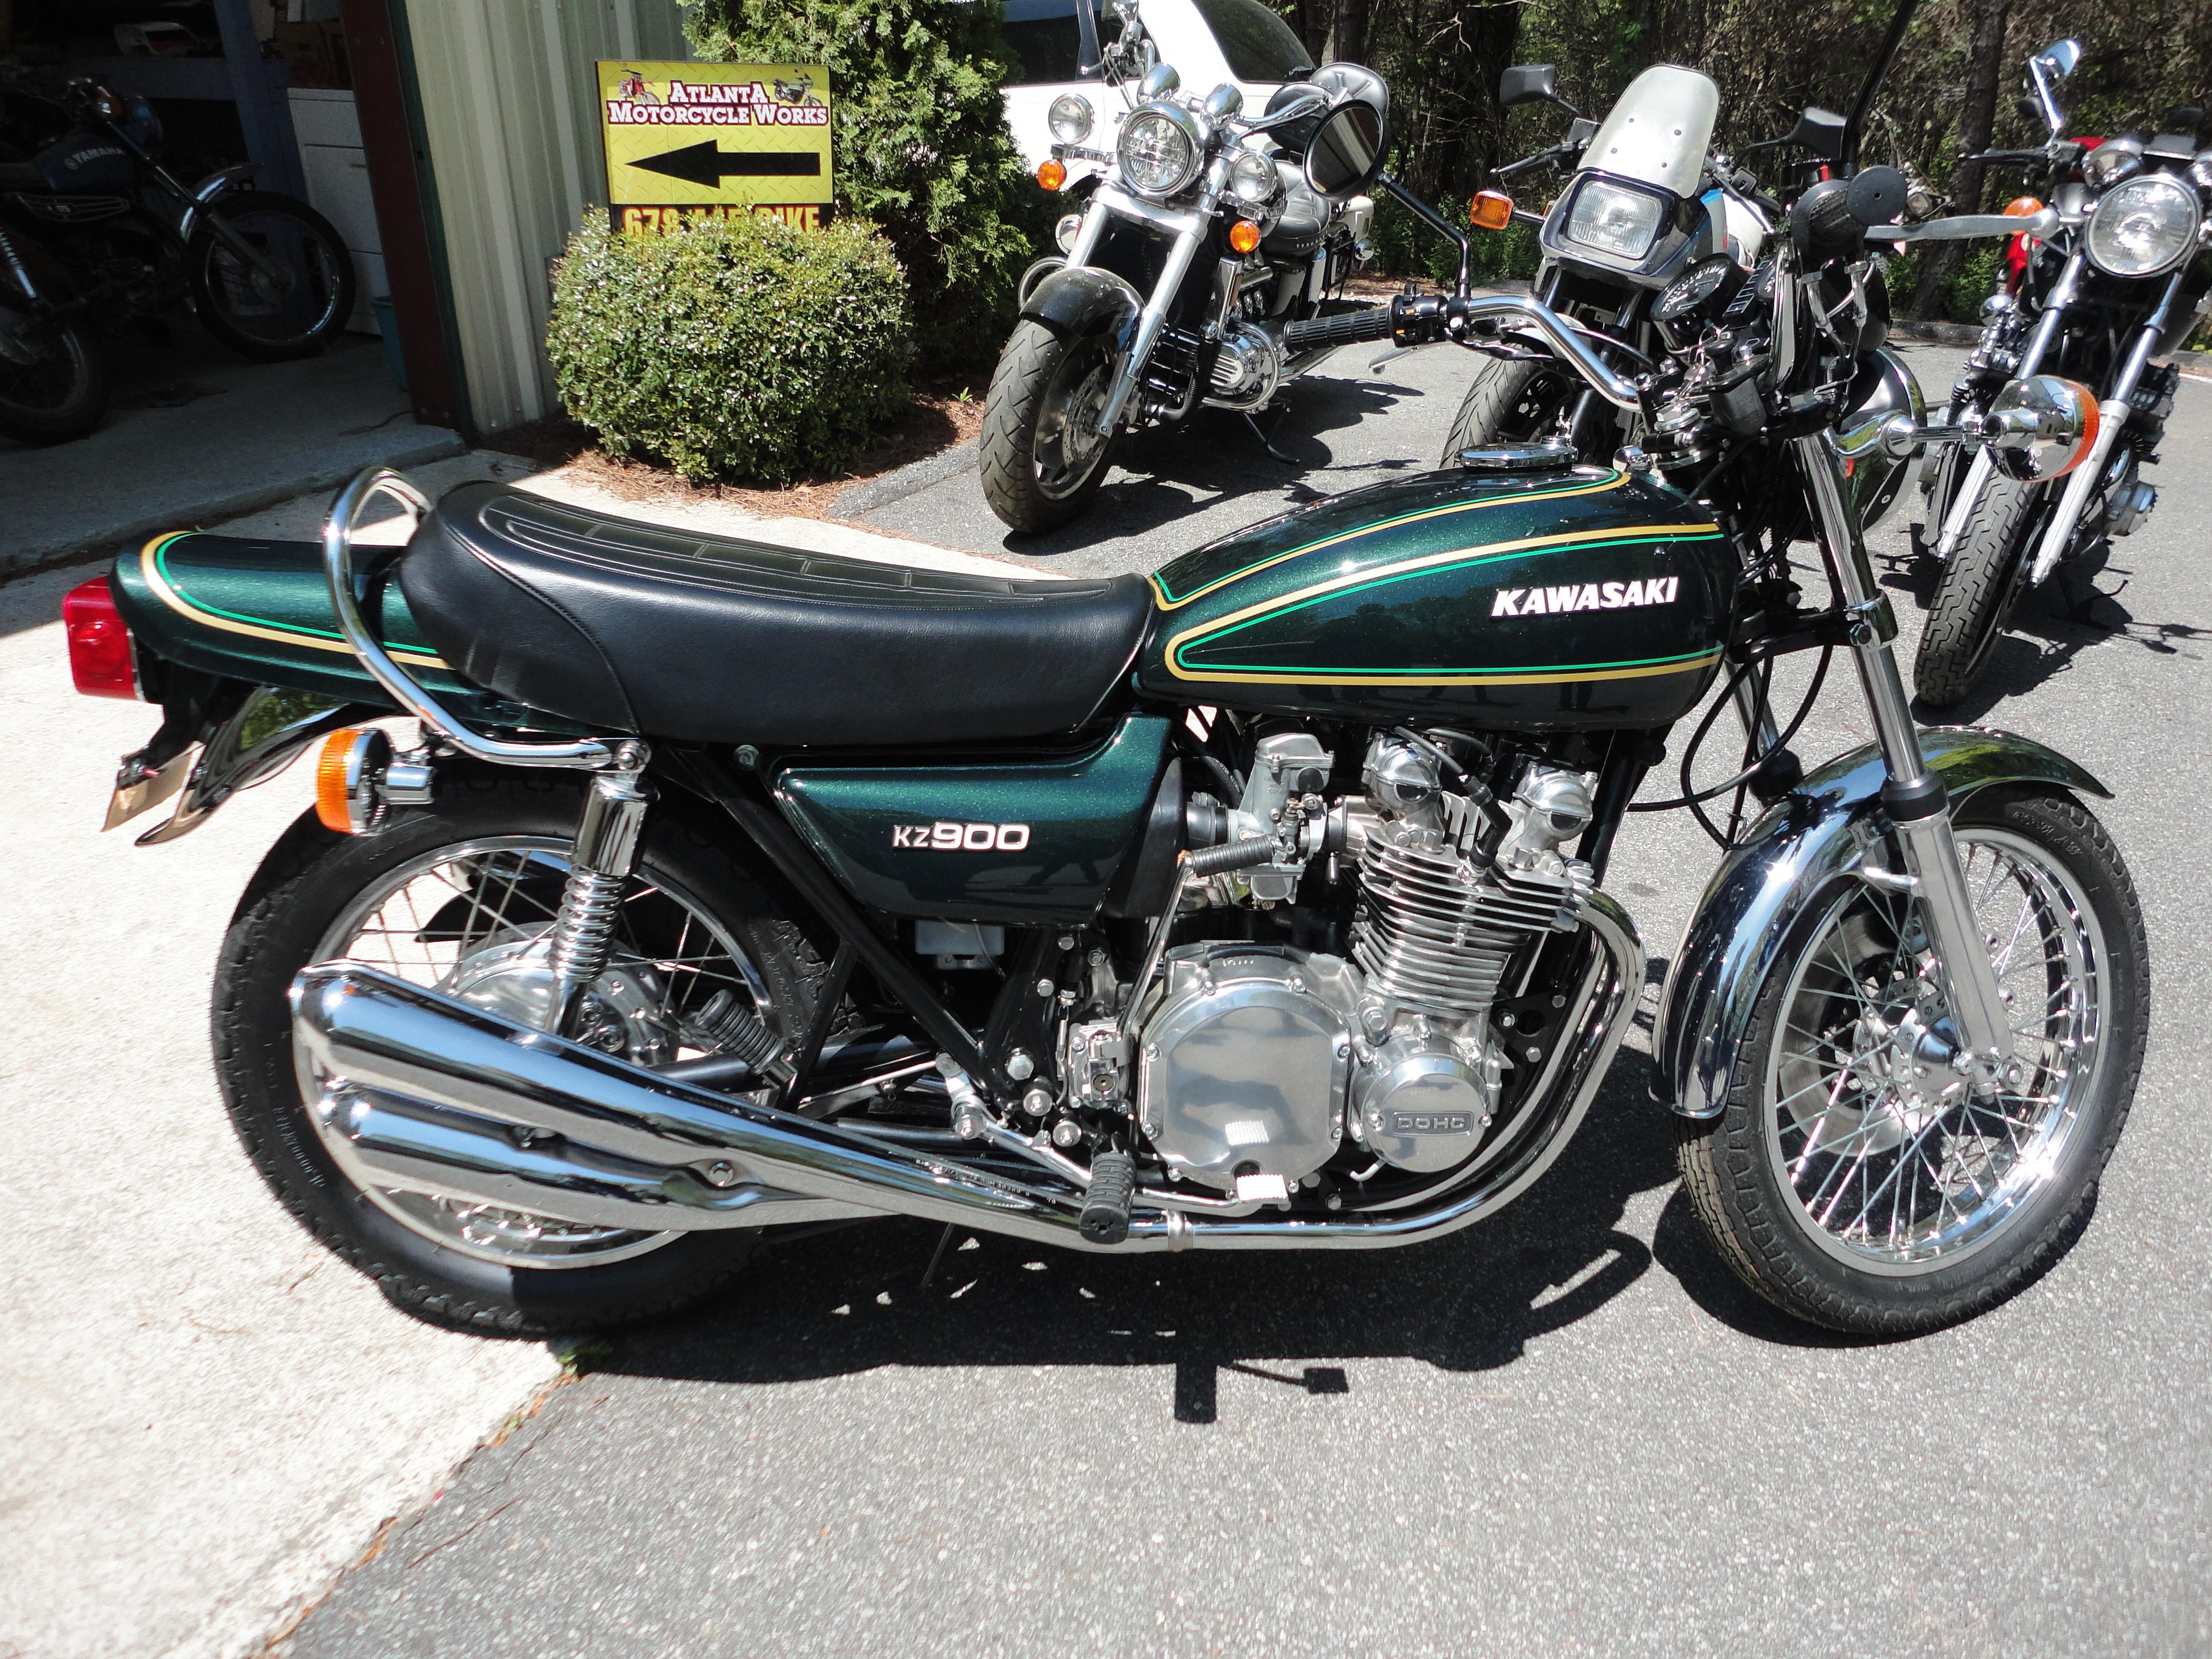 1976 Kawasaki kz 900 after